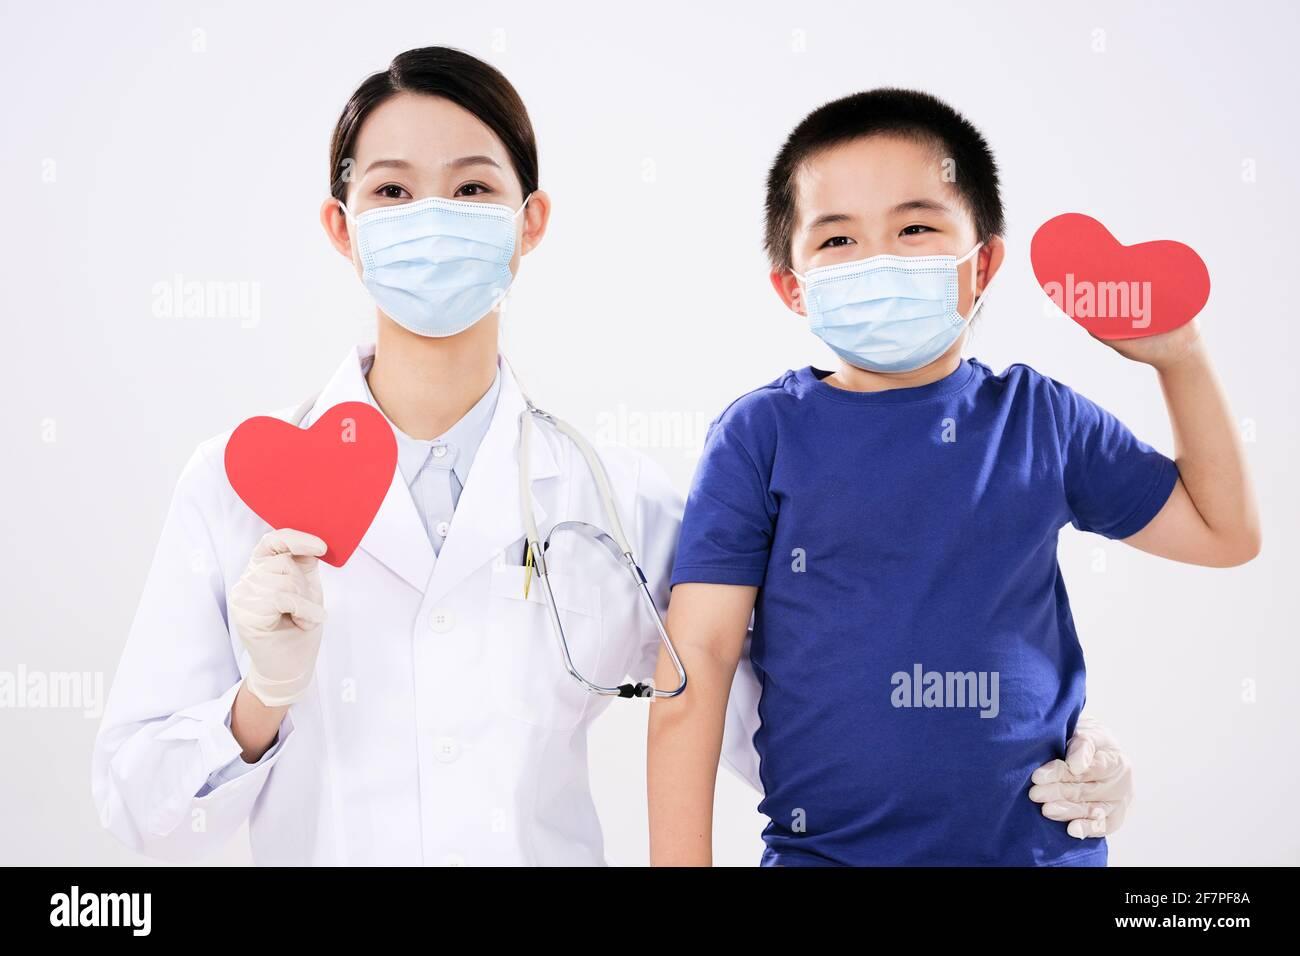 Une femme médecin et un petit garçon avaient chacun un cœur rouge regardant la caméra Banque D'Images